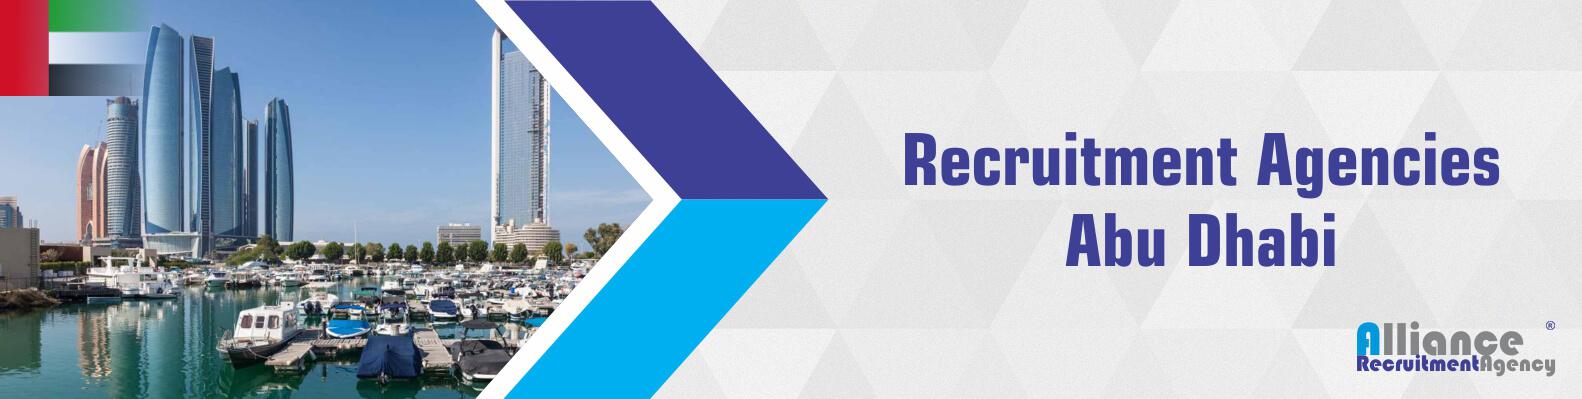 Recruitment Agencies - Recruitment Agencies in Abu dhabi